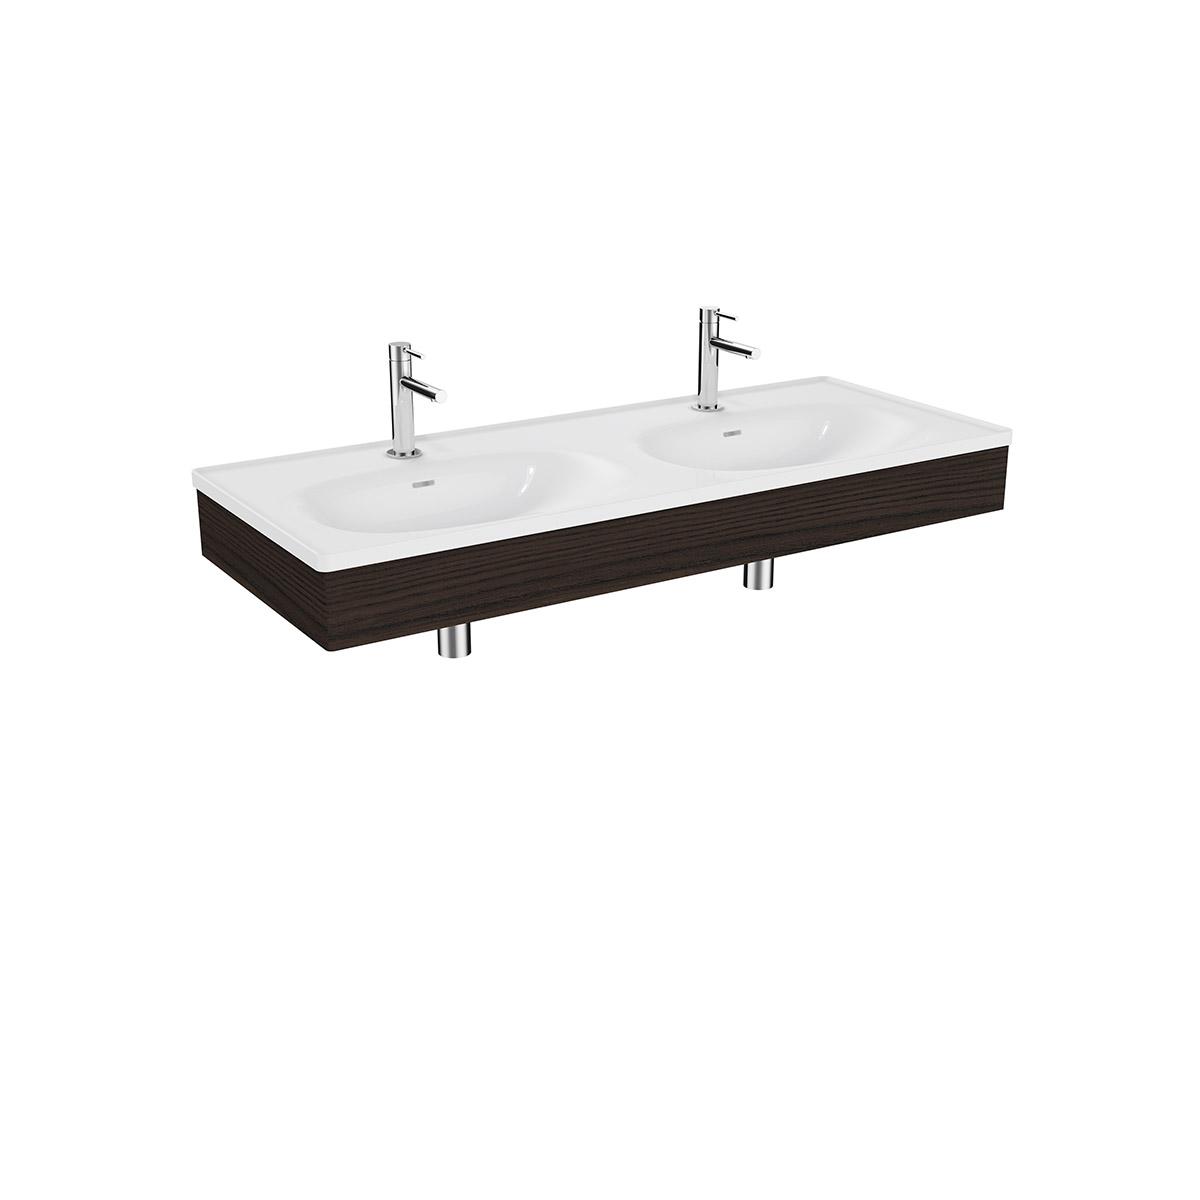 Equal Set Doppelwaschtisch, 130 cm, mit Holzblende, Weiß Hochglanz/Ulme